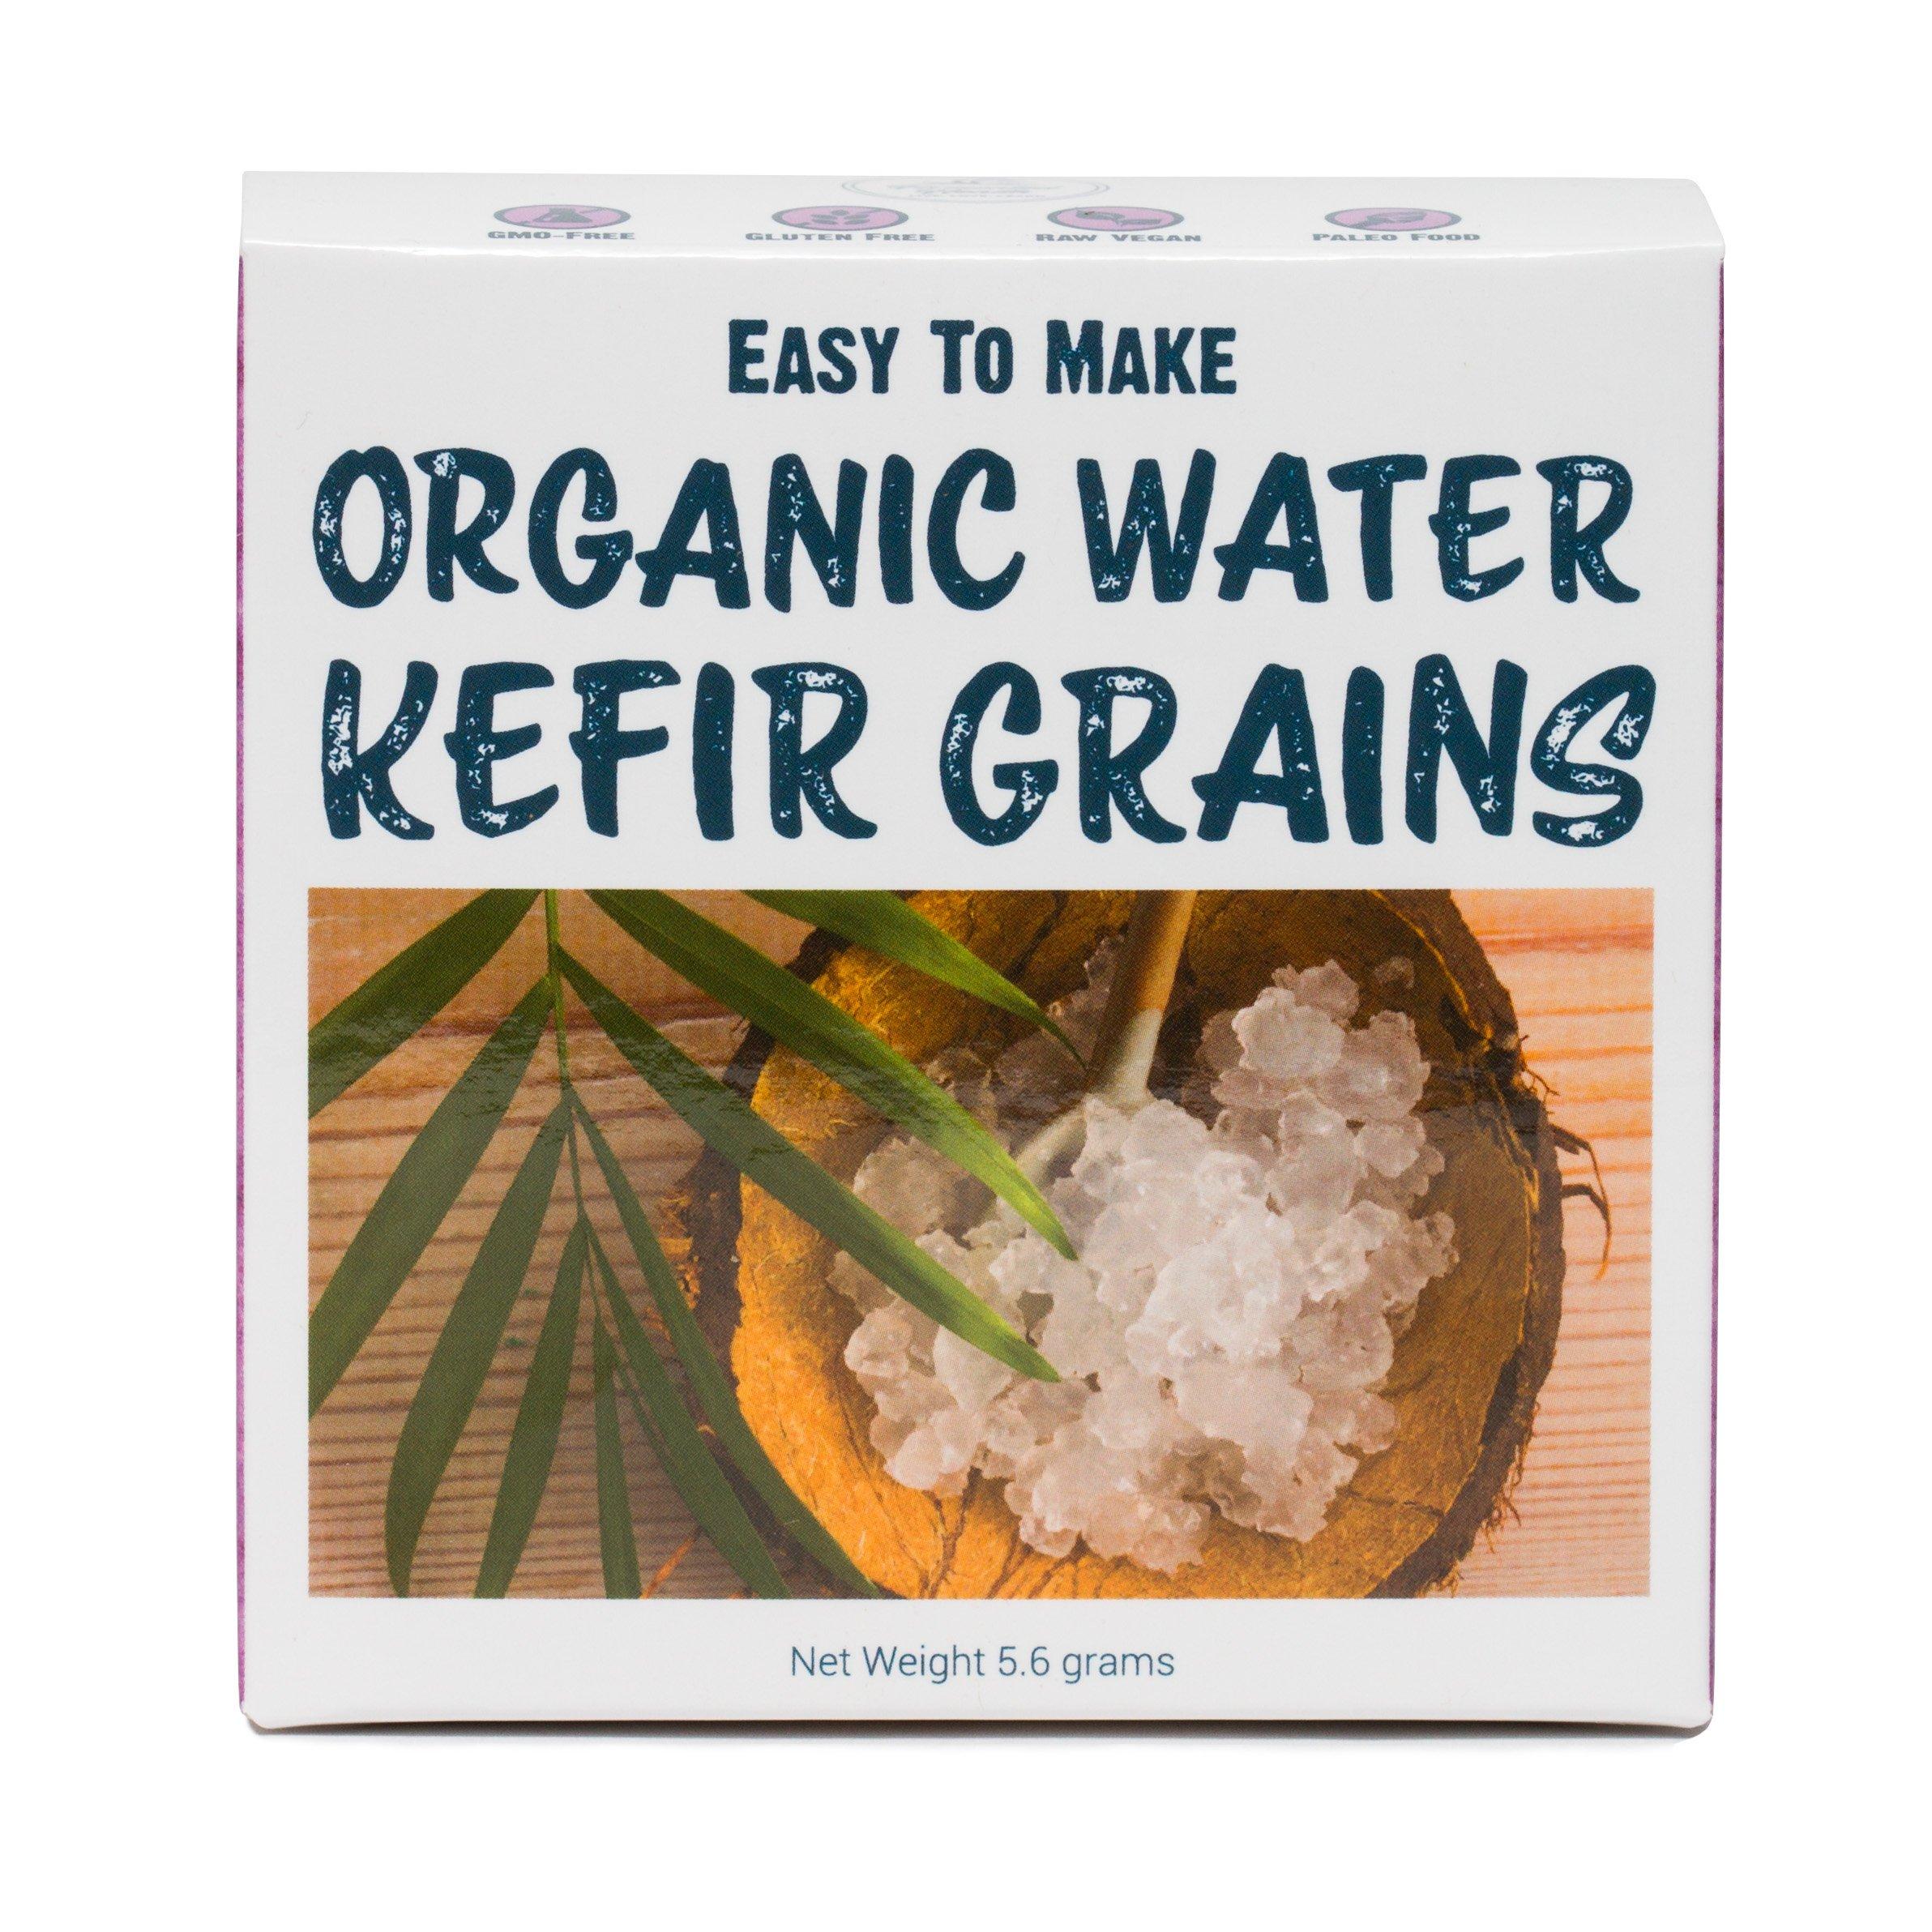 DIY Water Kefir Grains - Organic Raw Water Kefir Grains - Simple Instructions, Healthy, Delicious, Vibrant Water Kefir Grains | Organic Water Kefir Grains